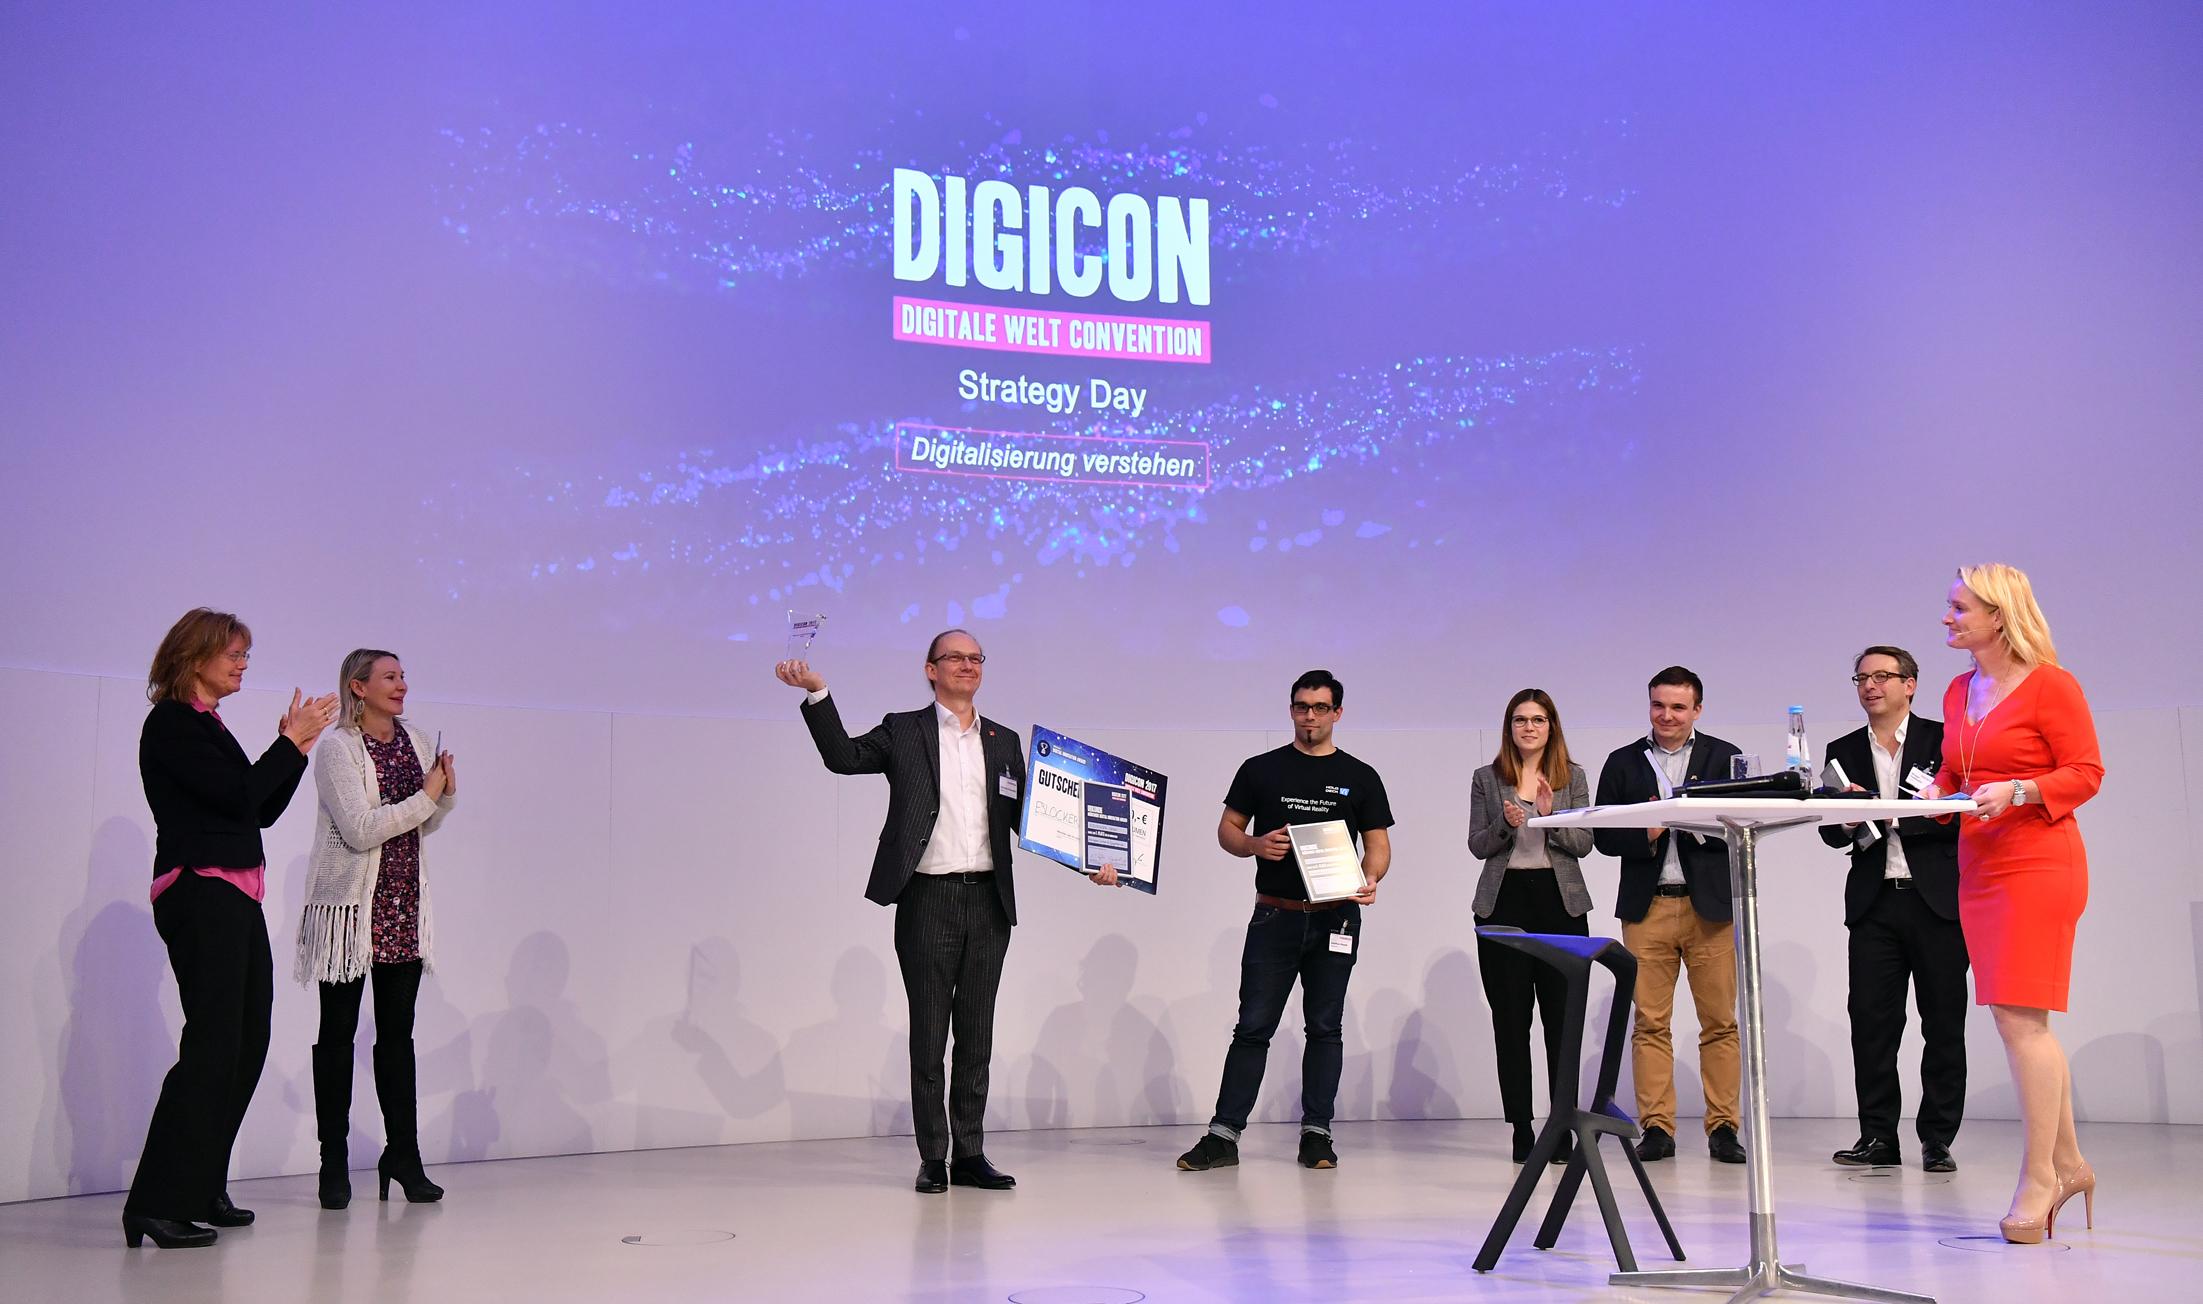 Übergabe des 2. Münchner Digital Innovation Awards 2017 an Herrn Christian Bennefeld der eBlocker GmbH durch die Vorsitzende der Digitalen Stadt München e.V. (links), Professor Dr. Claudia Linnhoff-Popien.